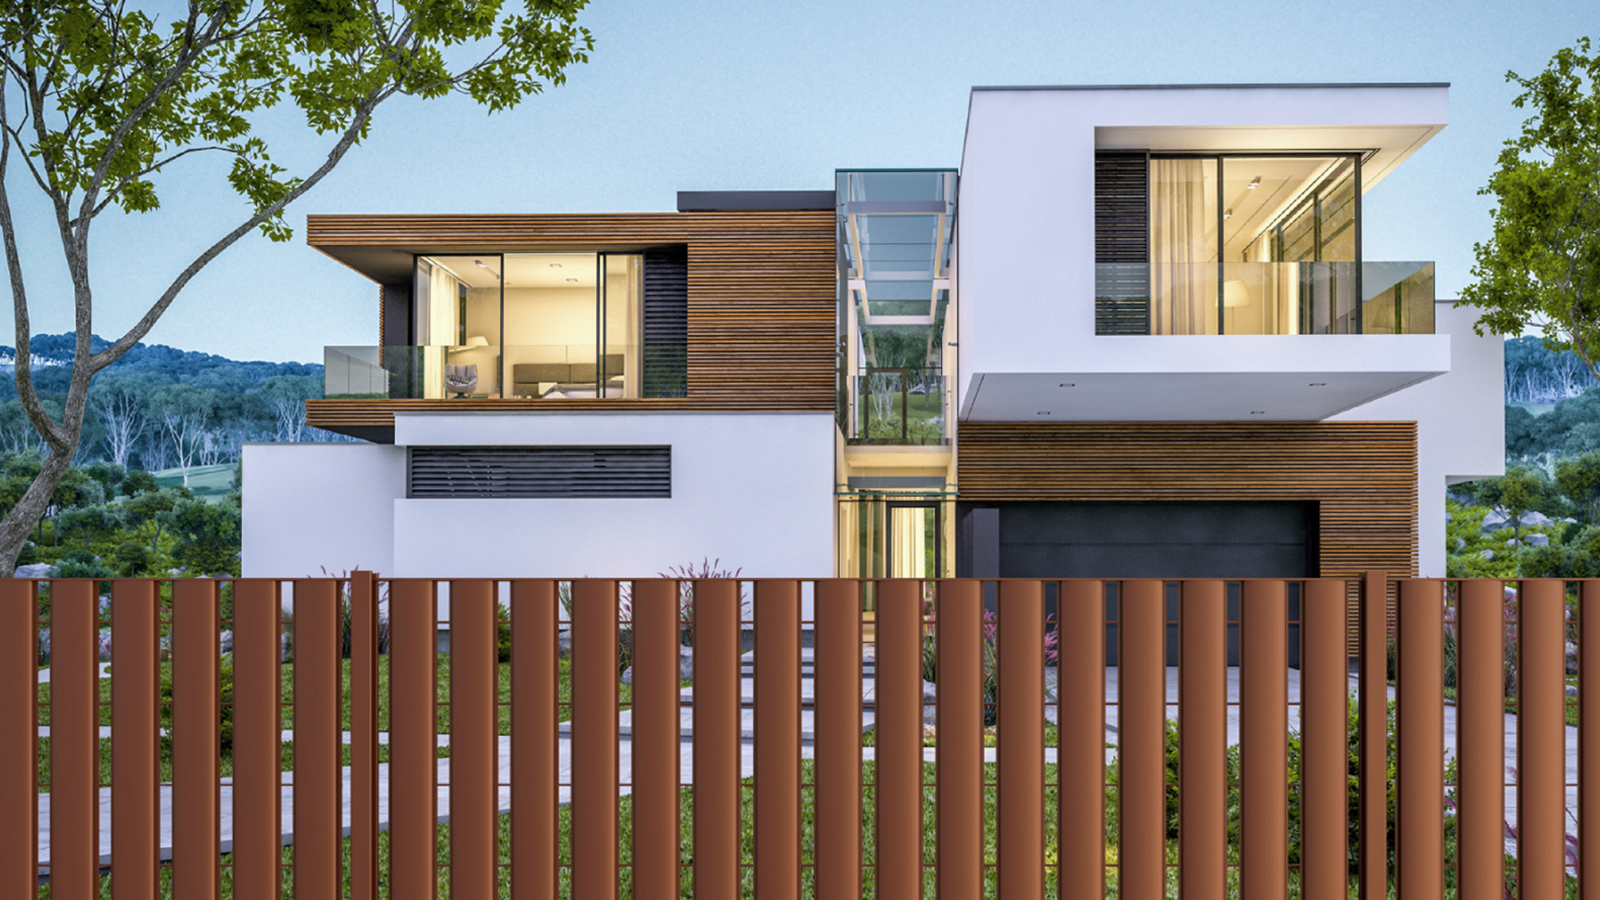 Cancelli e recinzioni - Modello Linear piano verticale